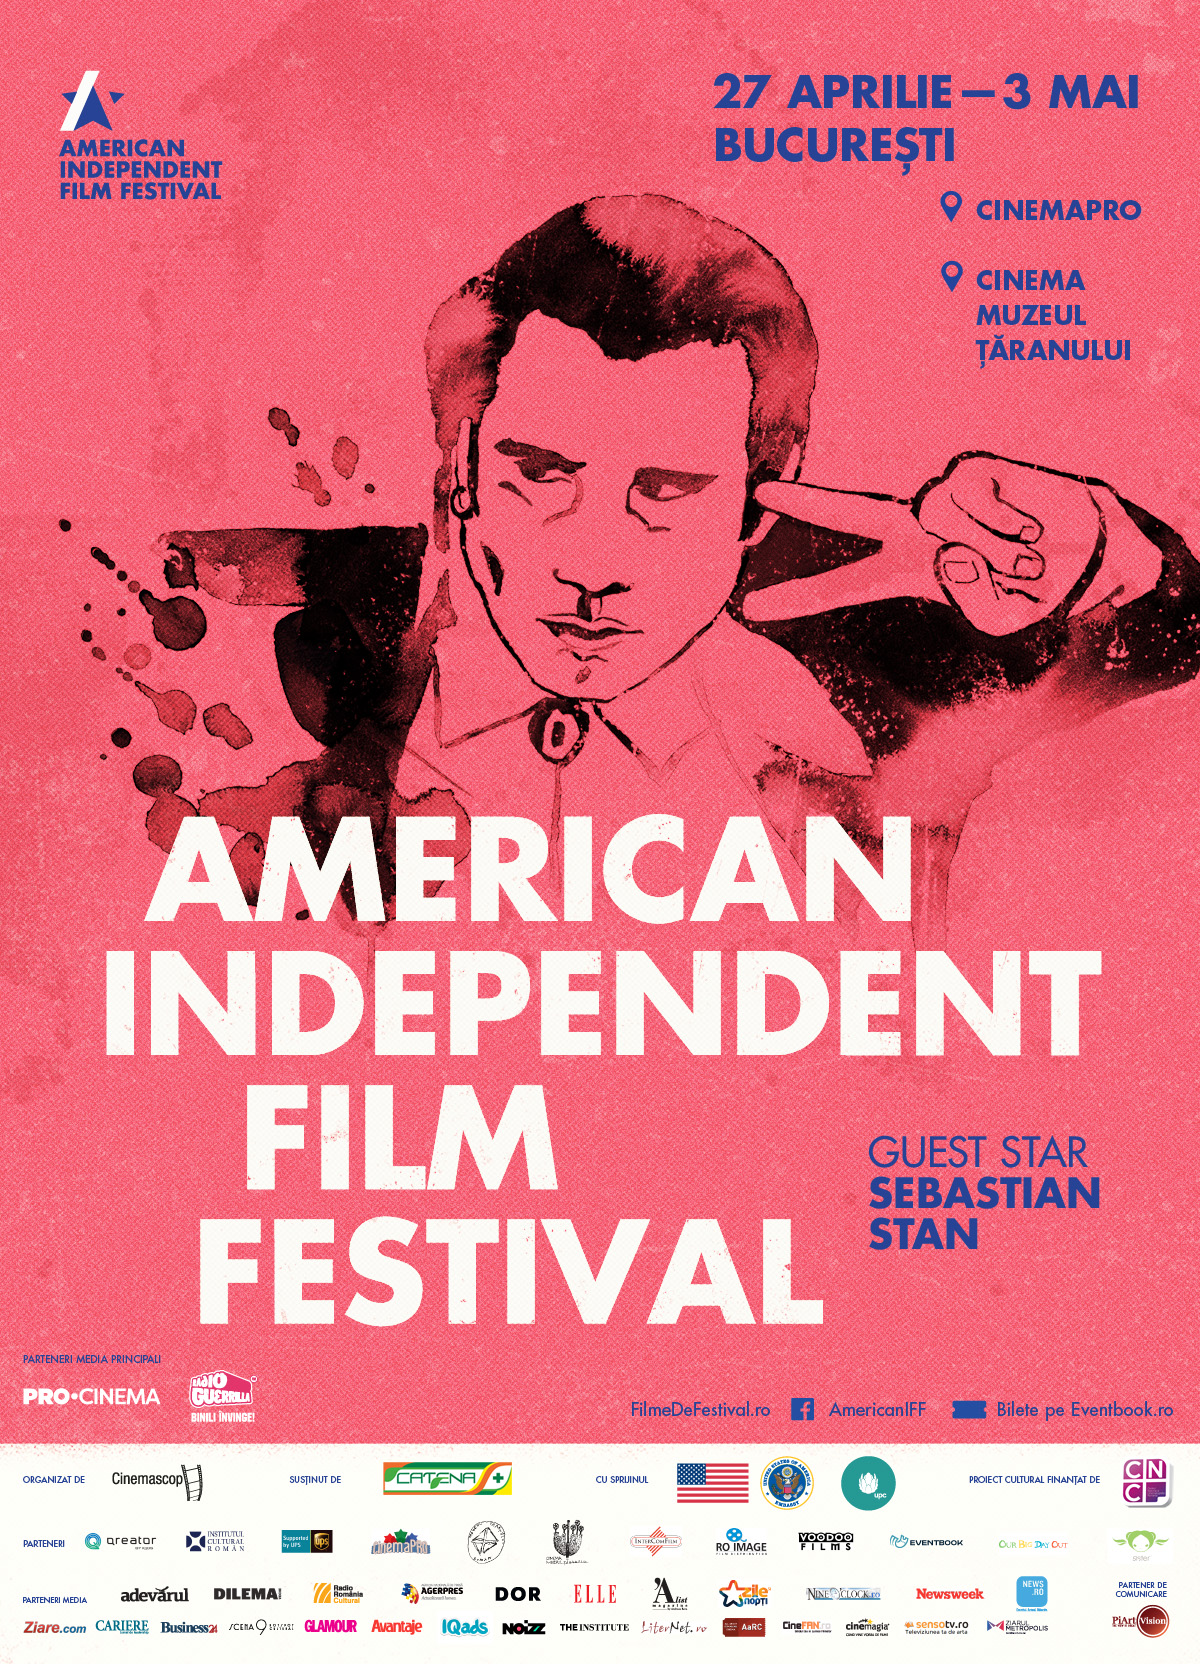 {focus_keyword} John Cassavetes, figură iconică a cinematografului independent american - retrospectivă la American Independent Film Festival American IFF18